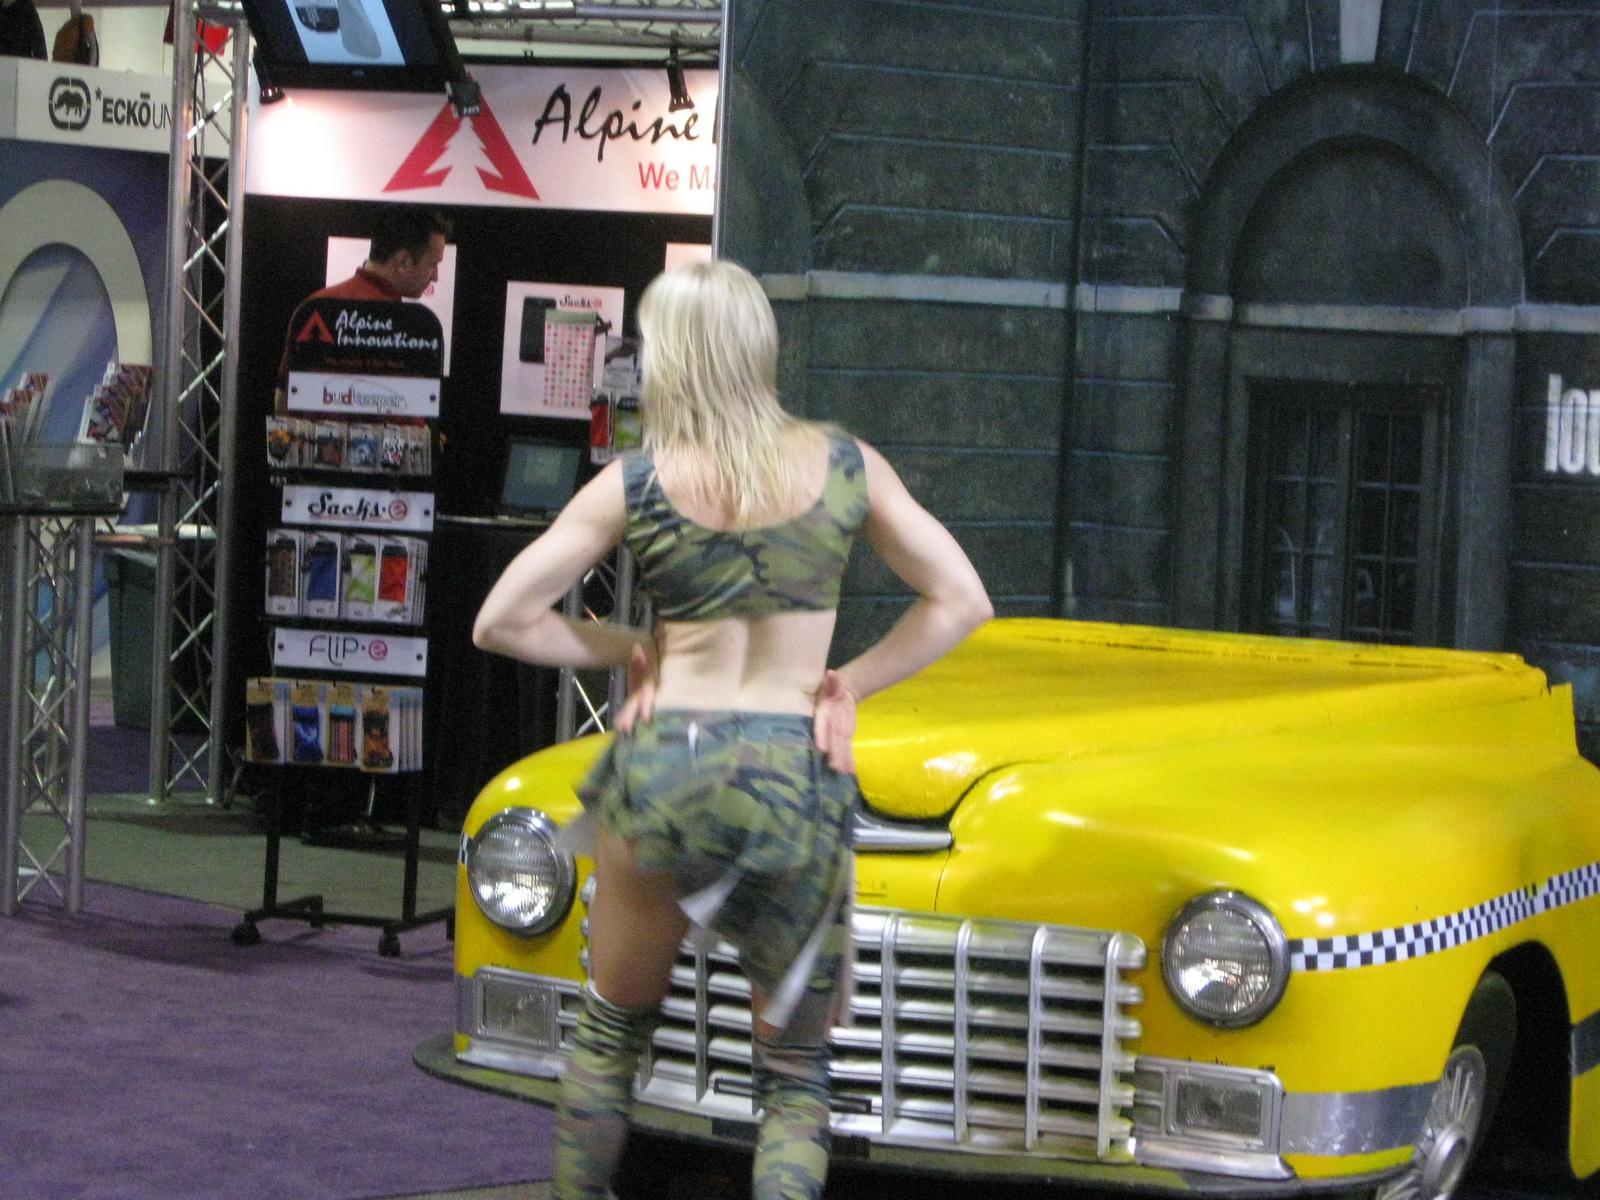 CES 2011 Taxi Cab Dancers